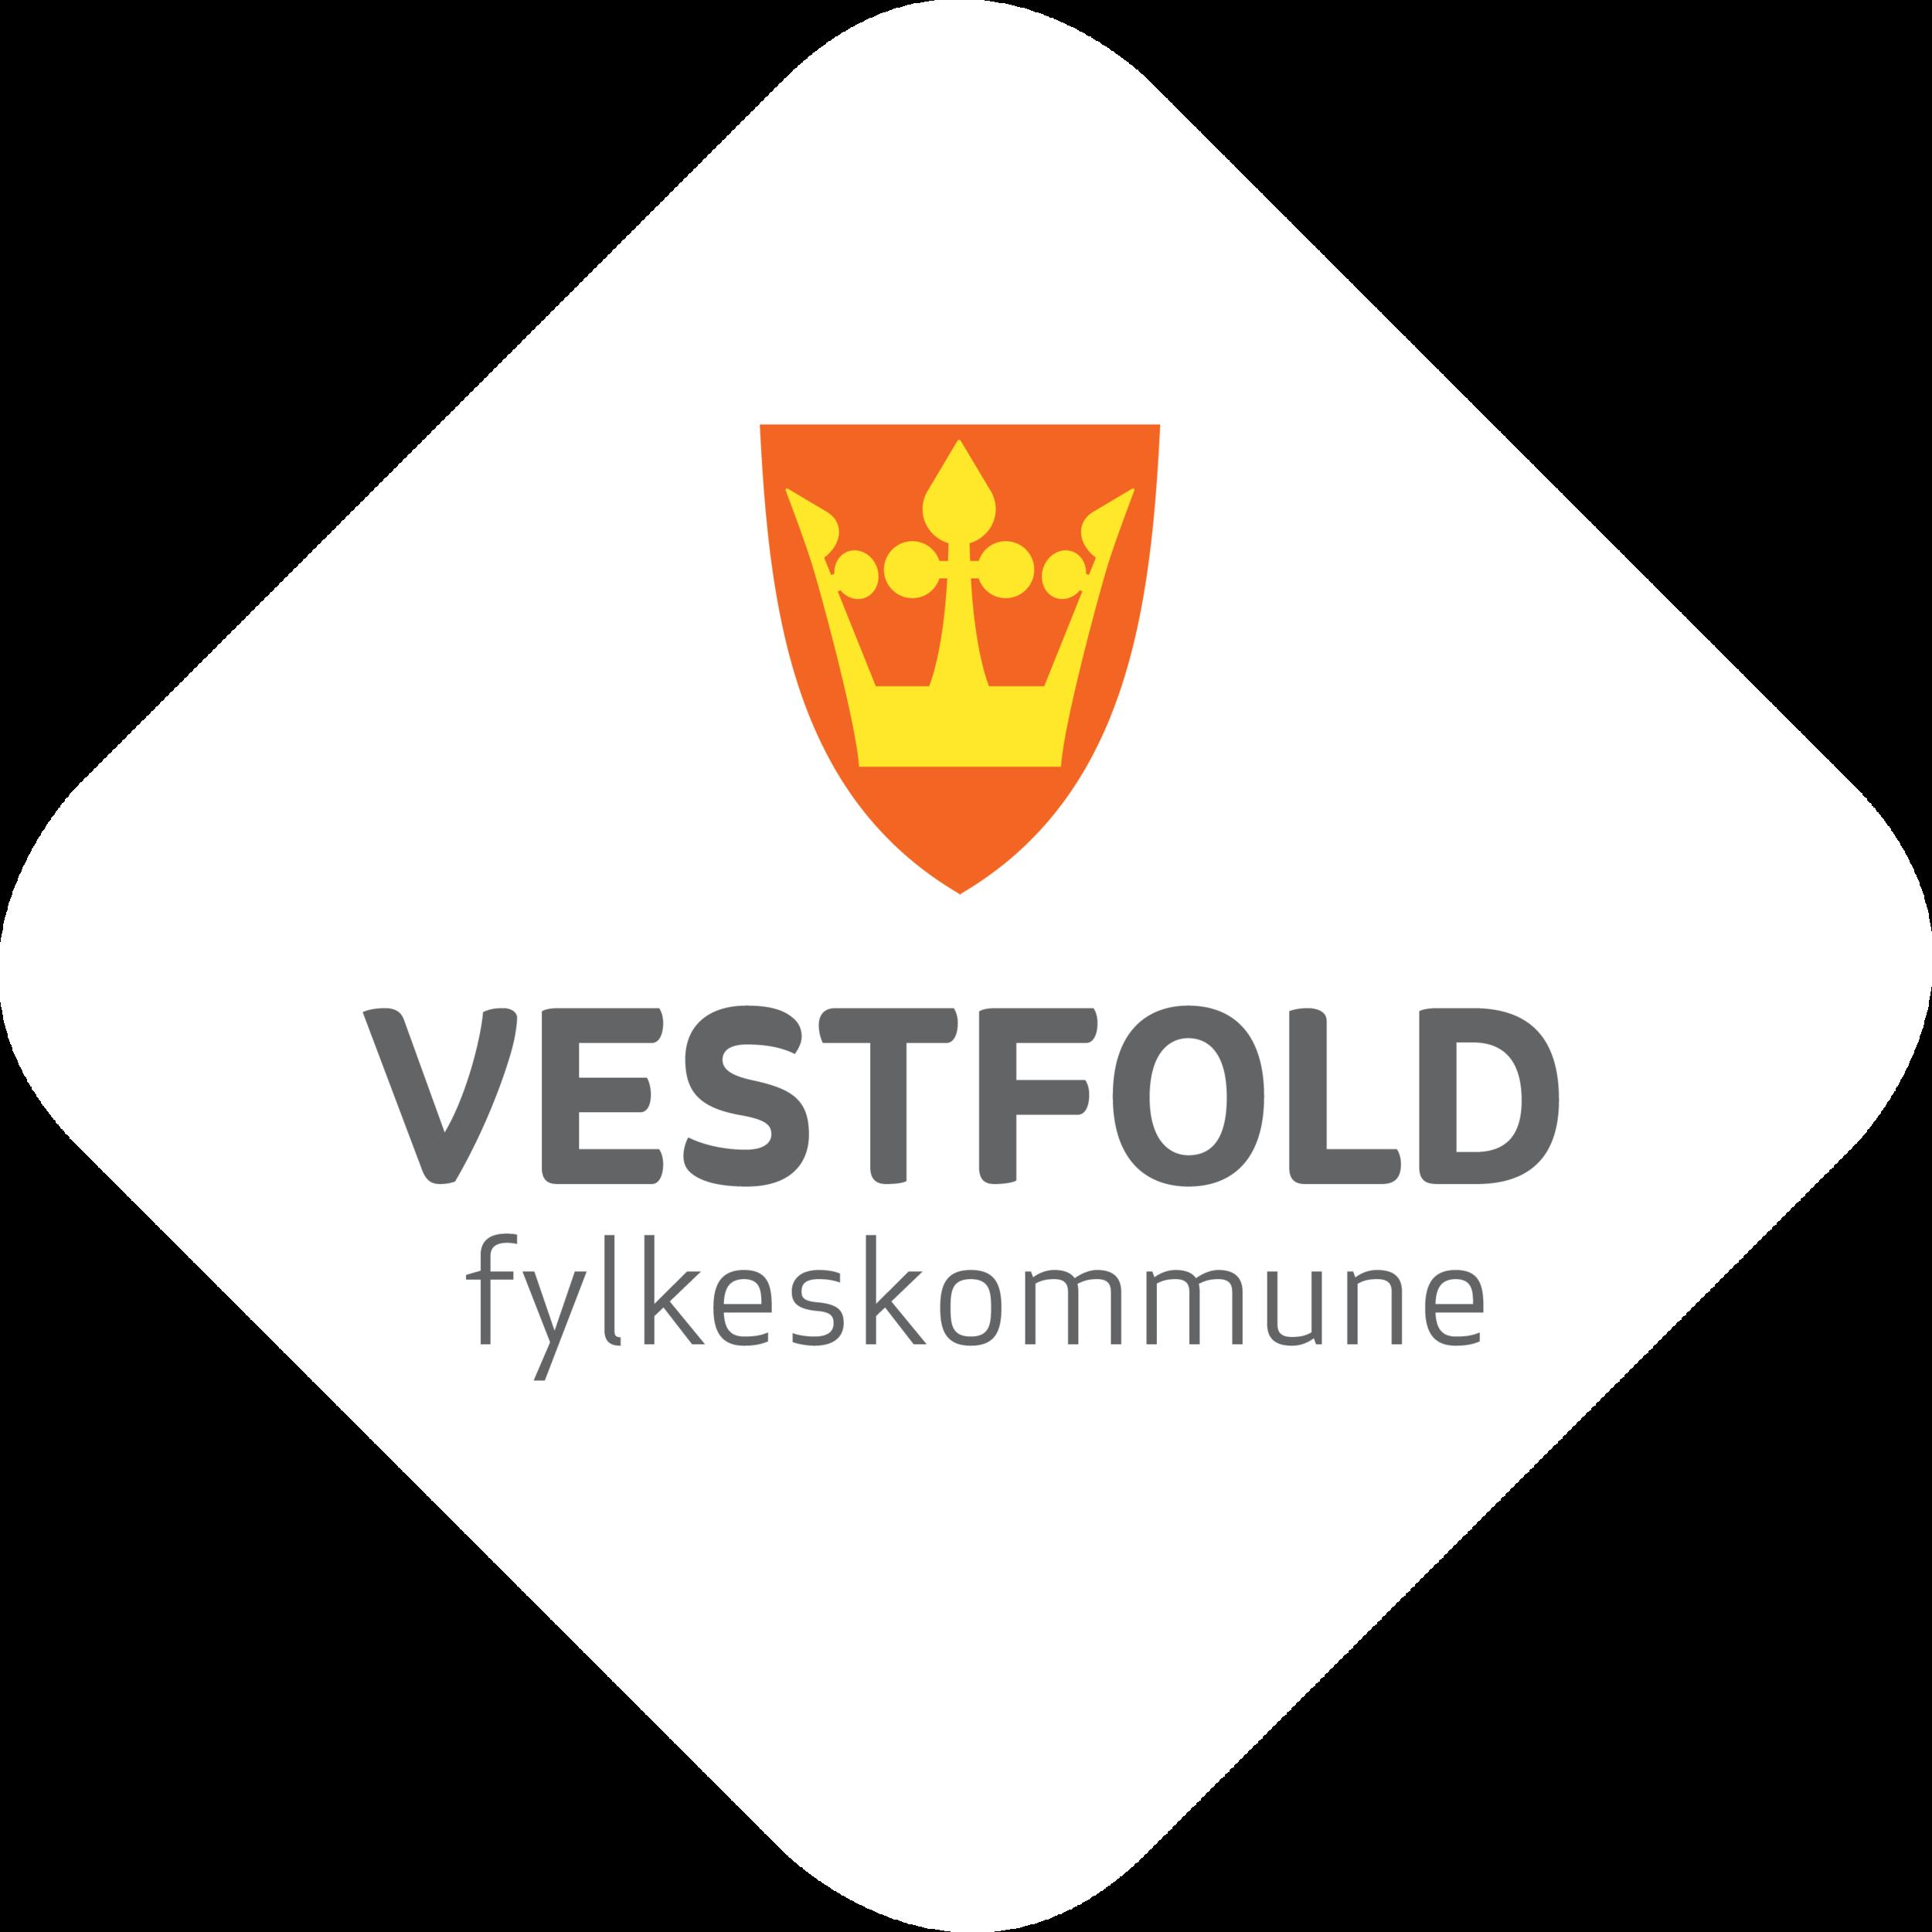 Vfk_Logo.png